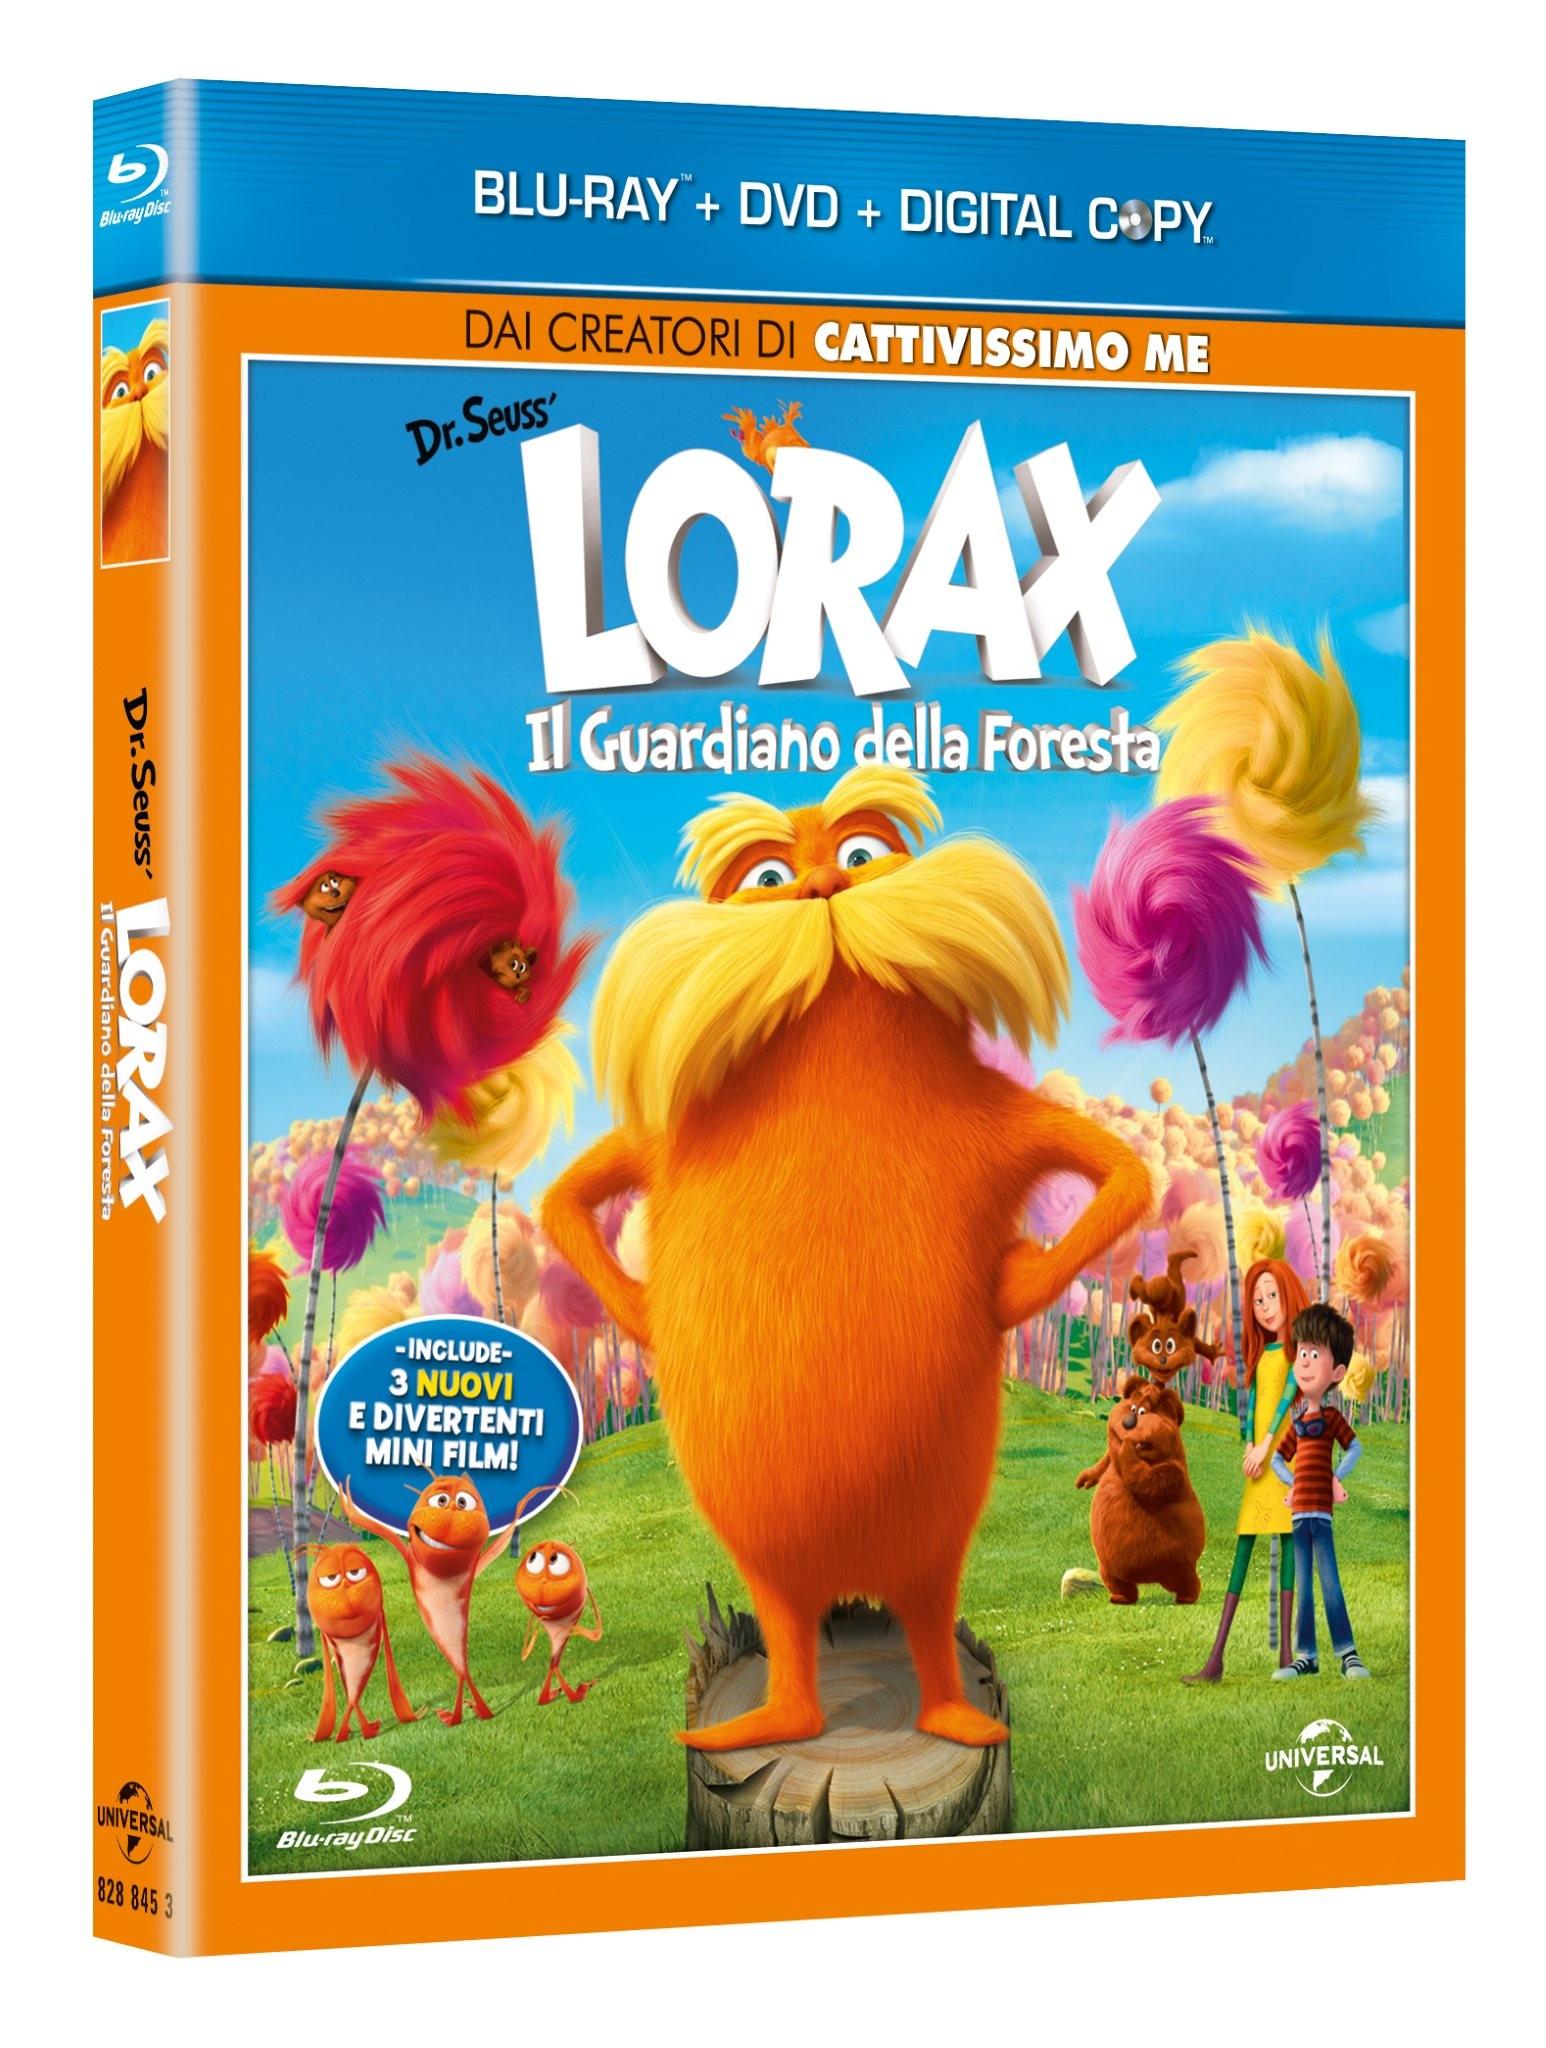 Lorax blu-ray dvd combo